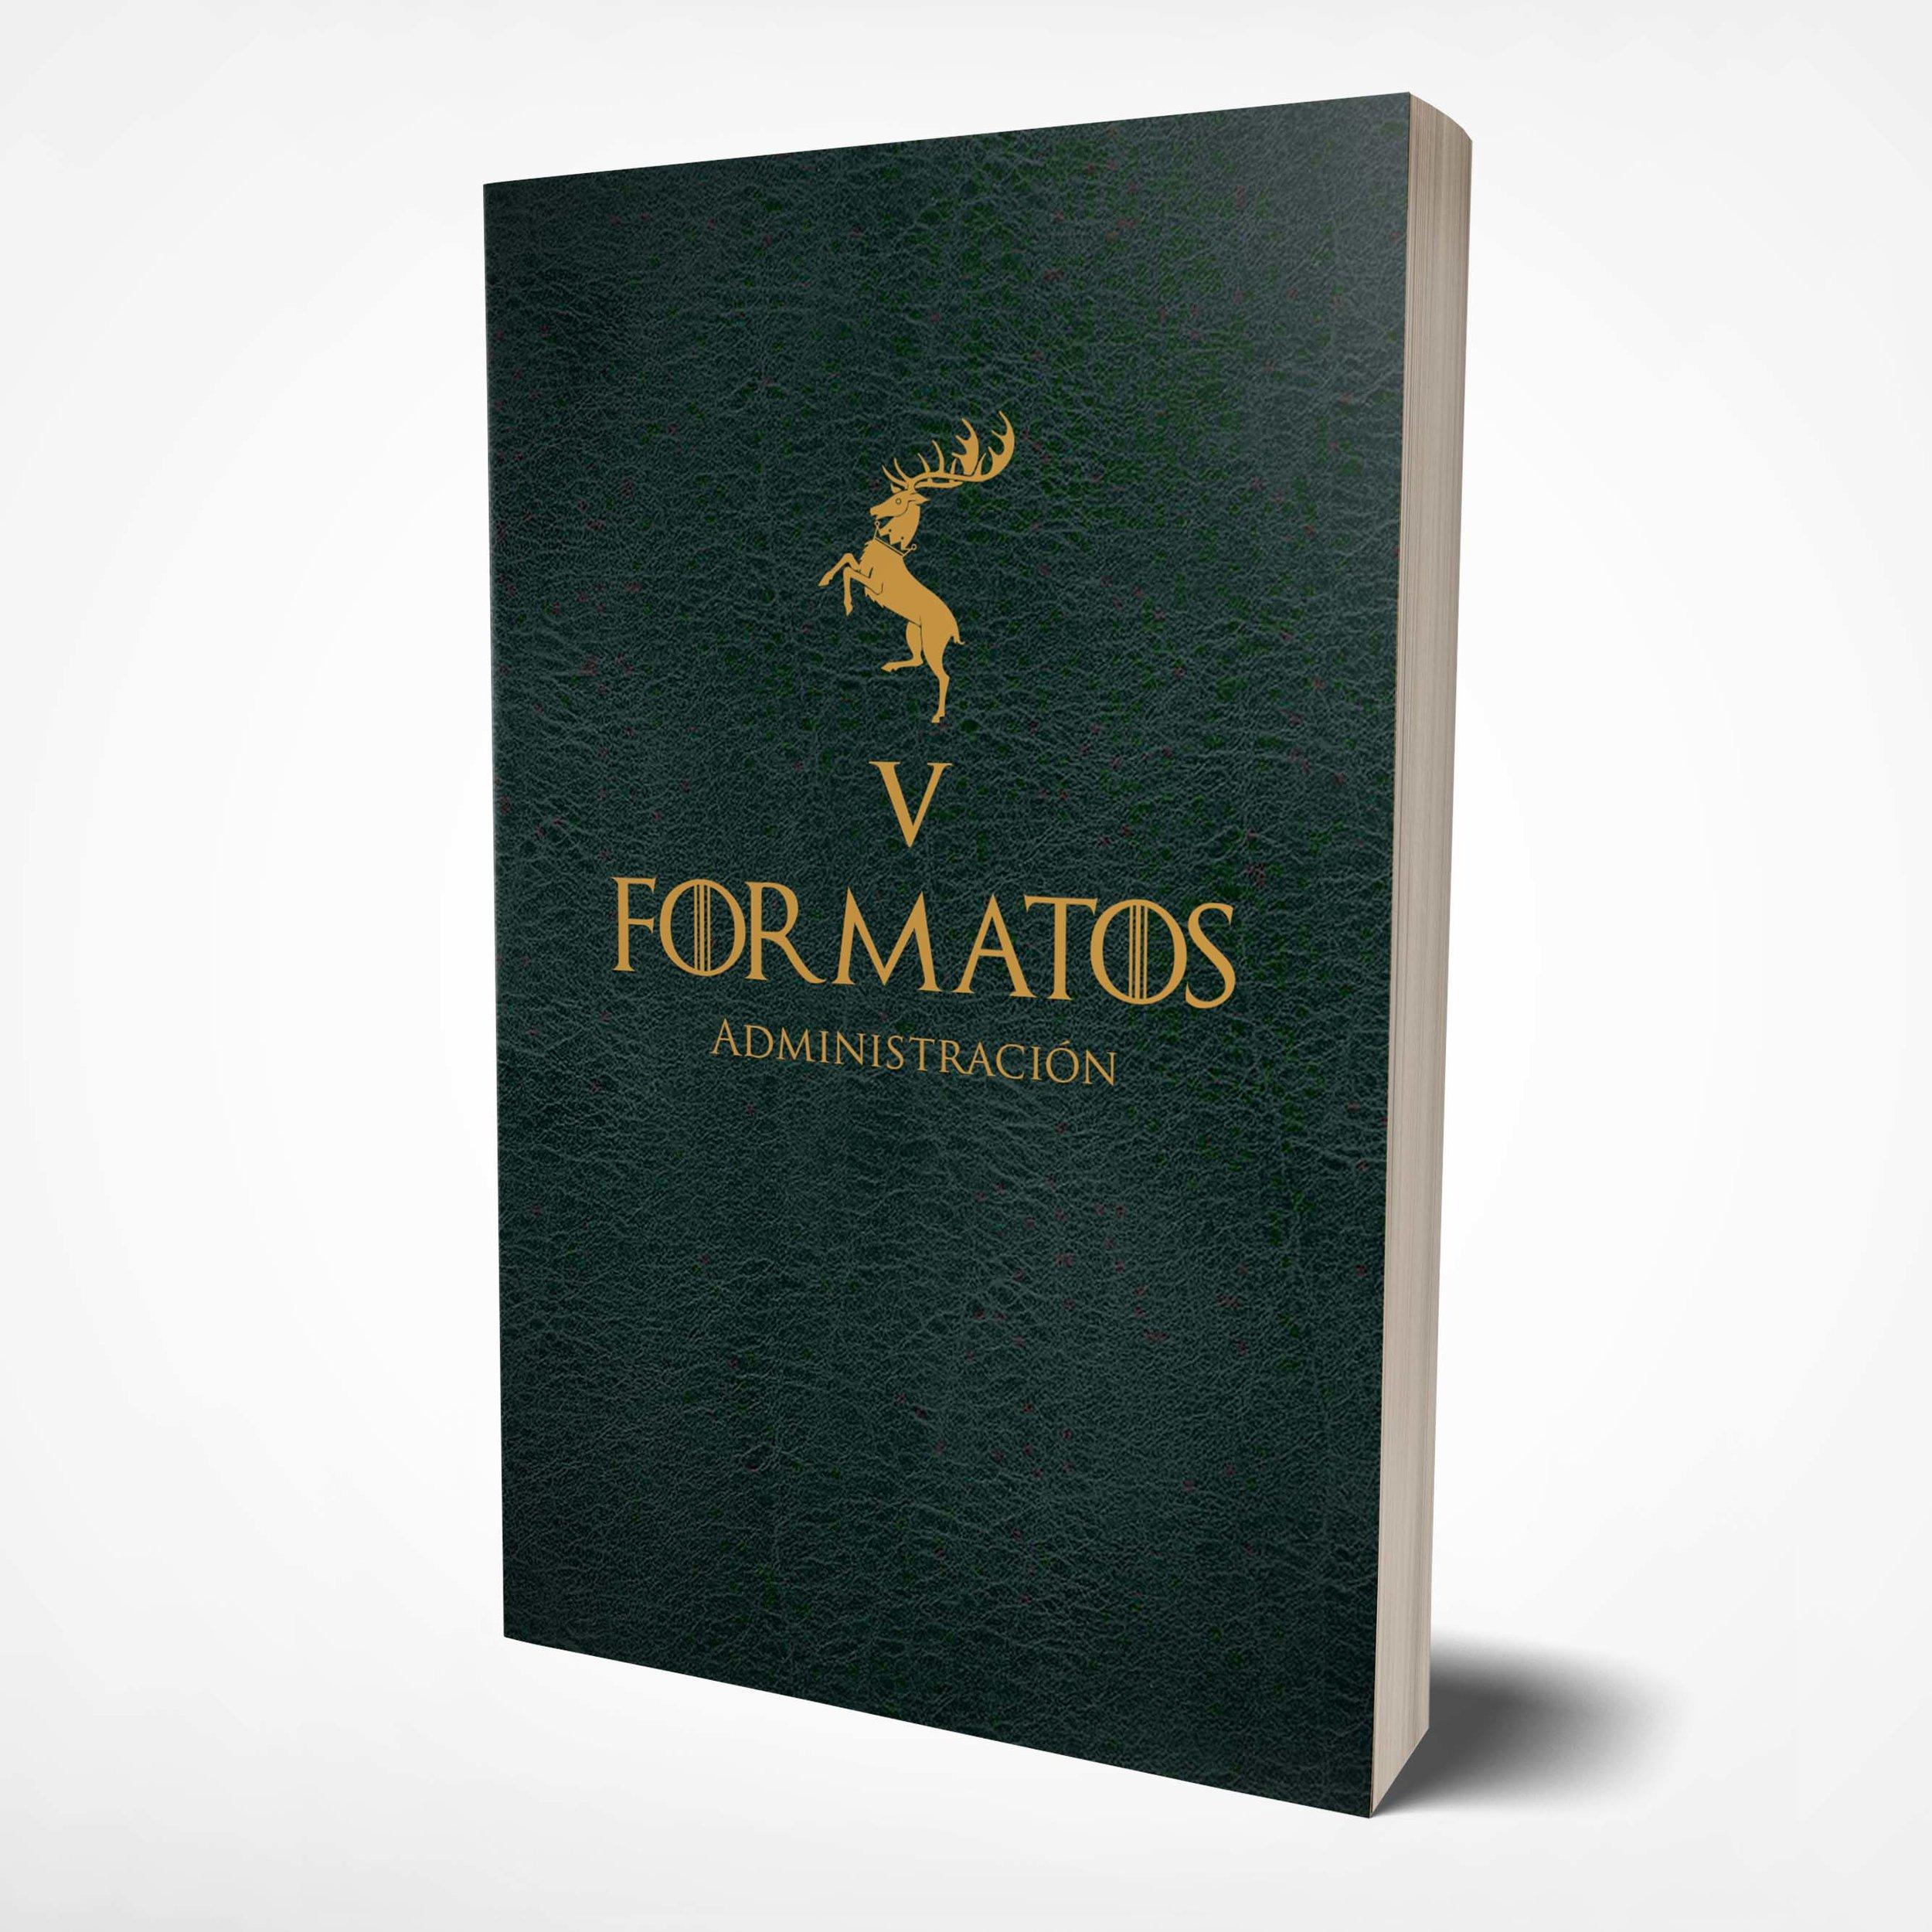 libro-got-05-1.jpg